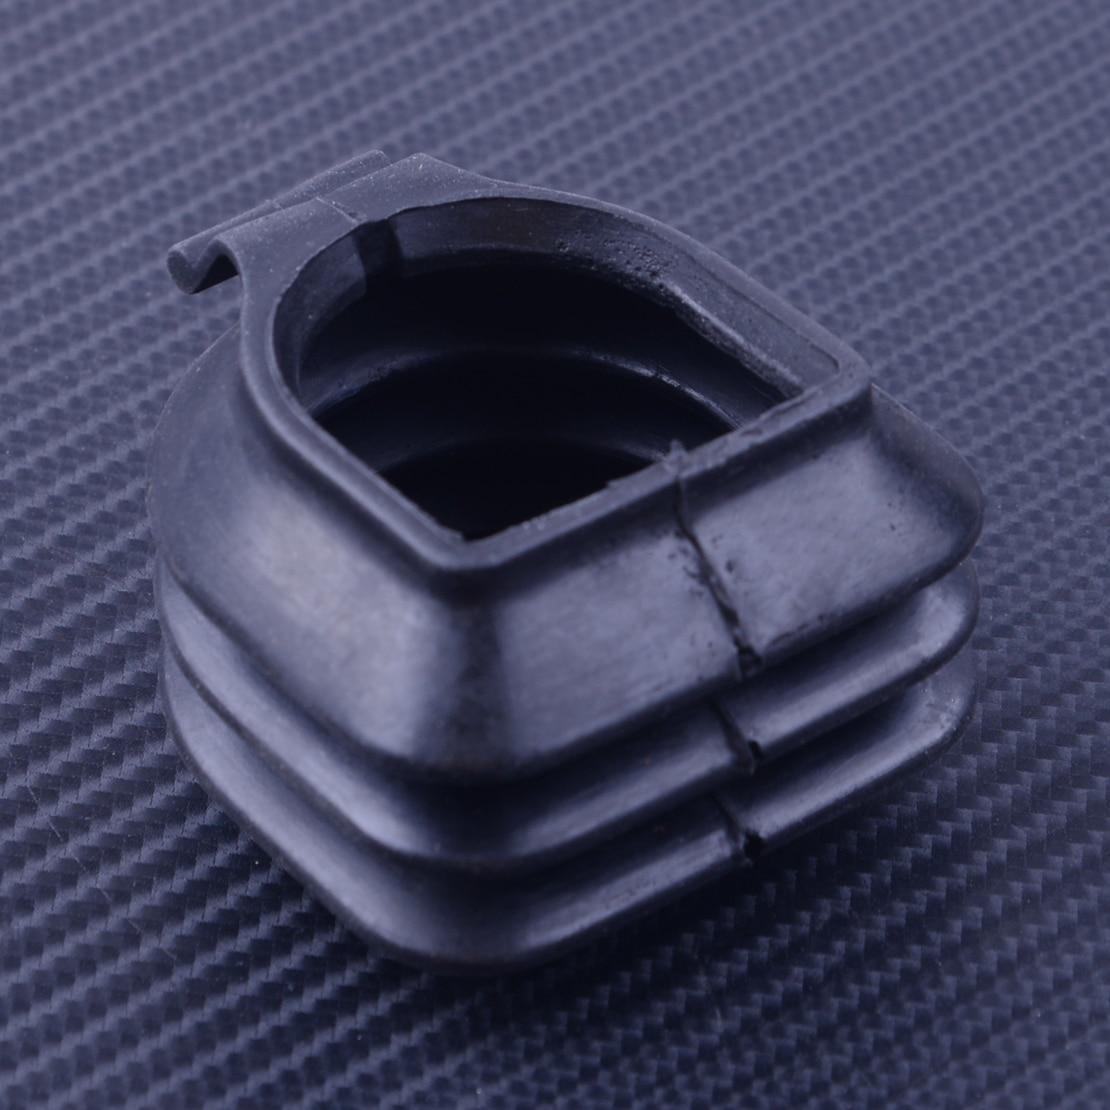 مقبض ناقل الحركة قضيب محدد رمح واقية كم التمهيد 020301261 صالح لل VW Cabriolet جيتا جولف Mk1 Mk2